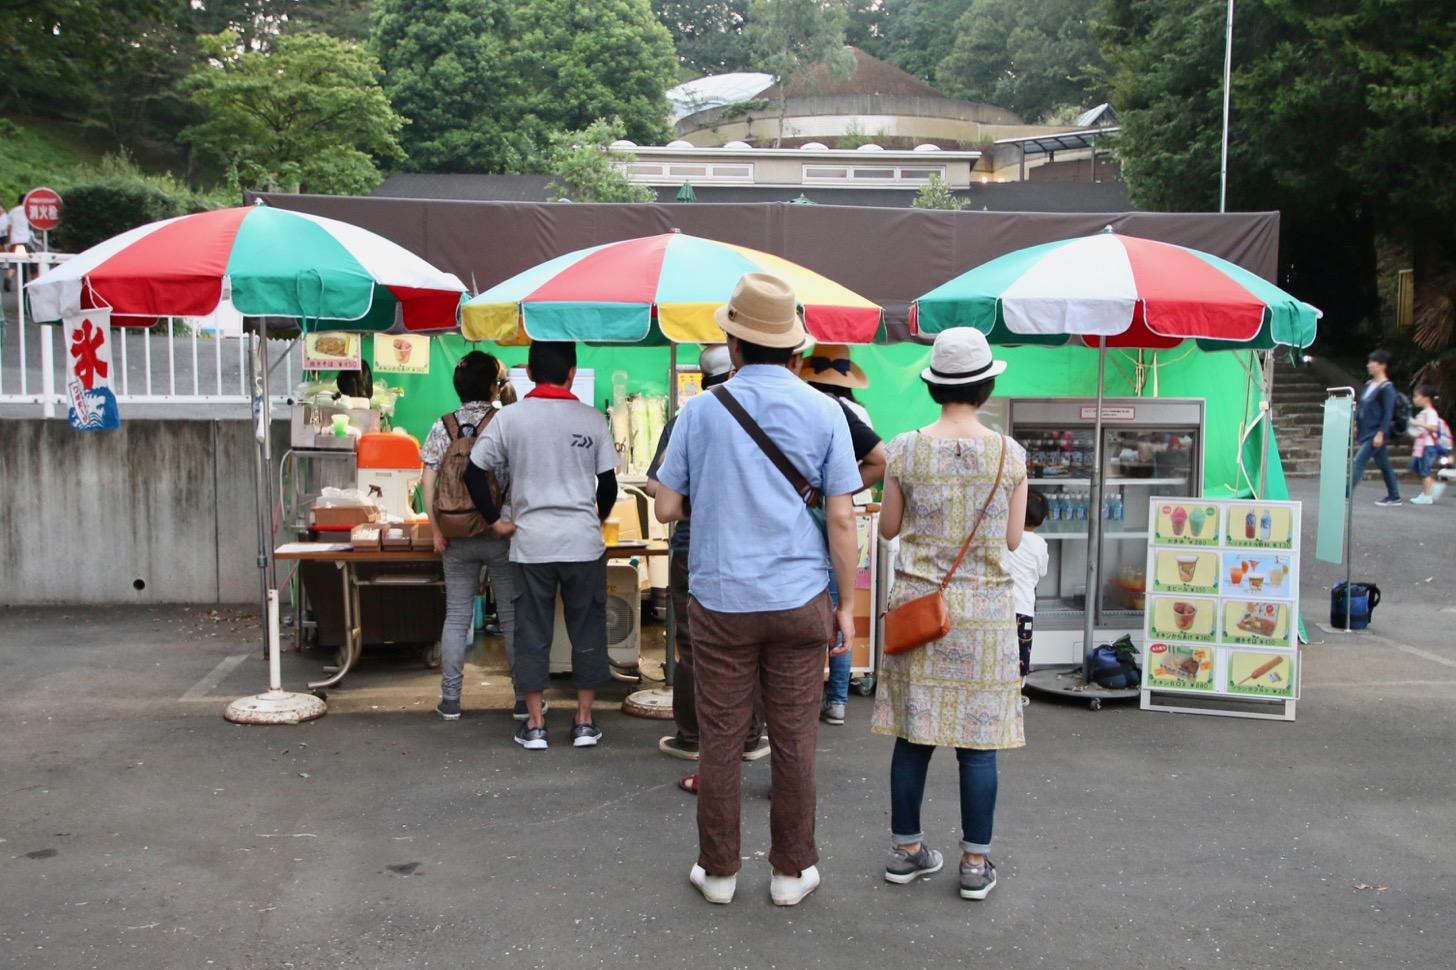 多摩動物公園 森のビアガーデン(カンガルー広場)売店